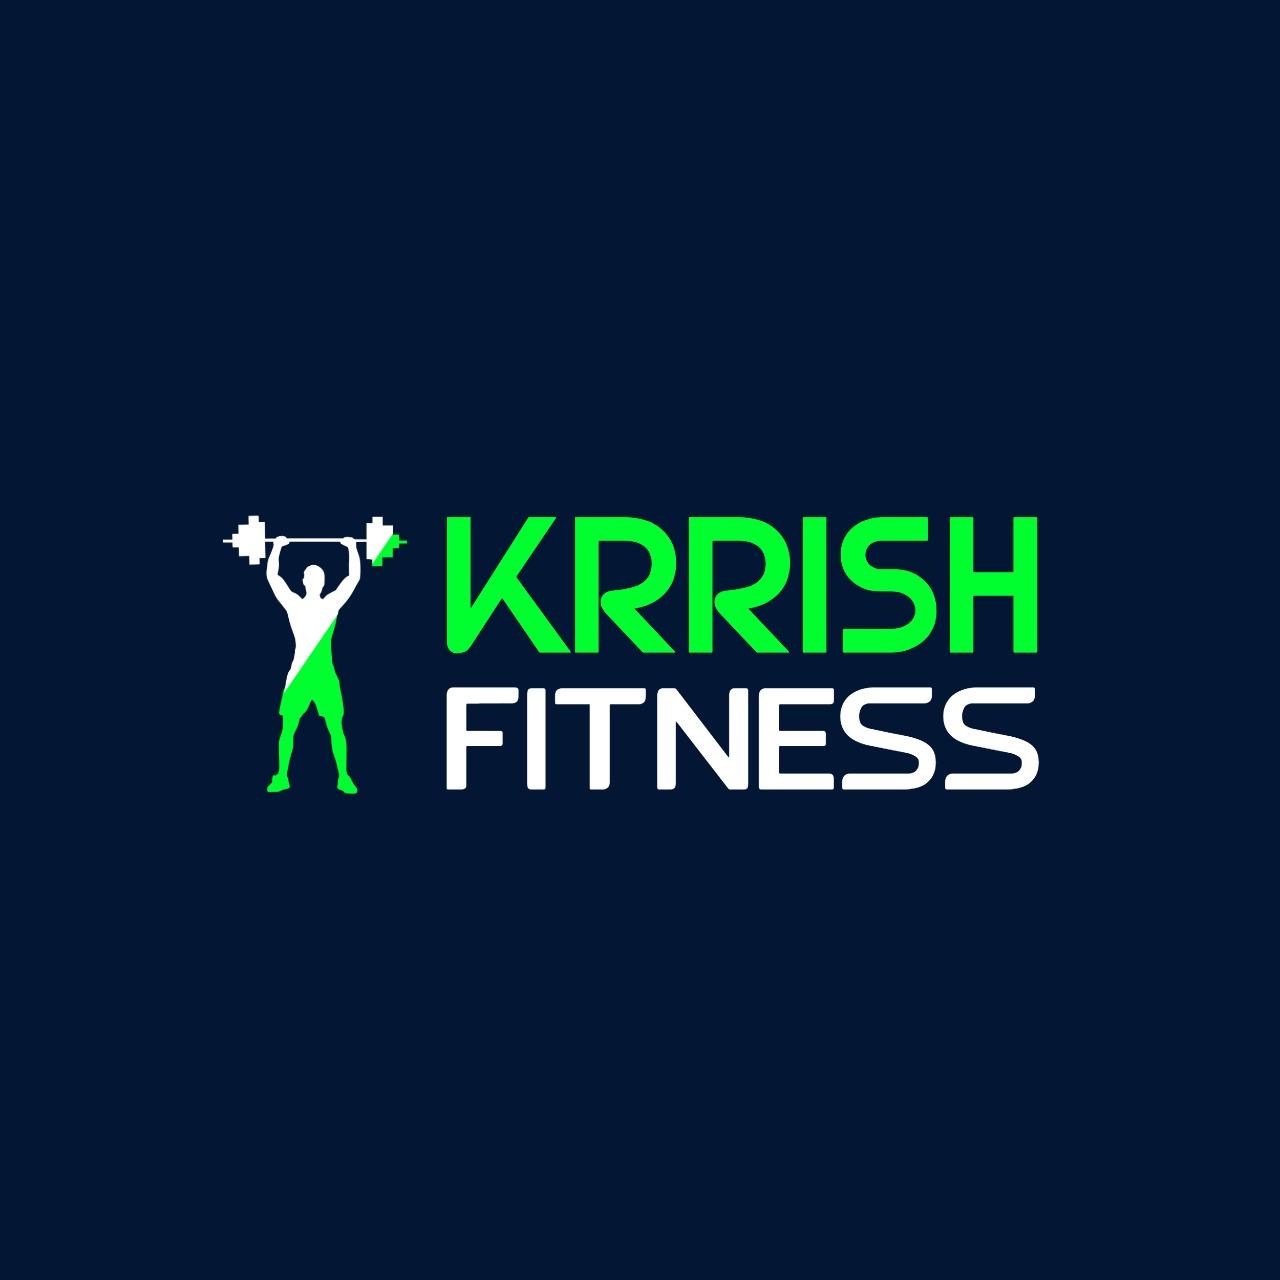 Krrish Fitness